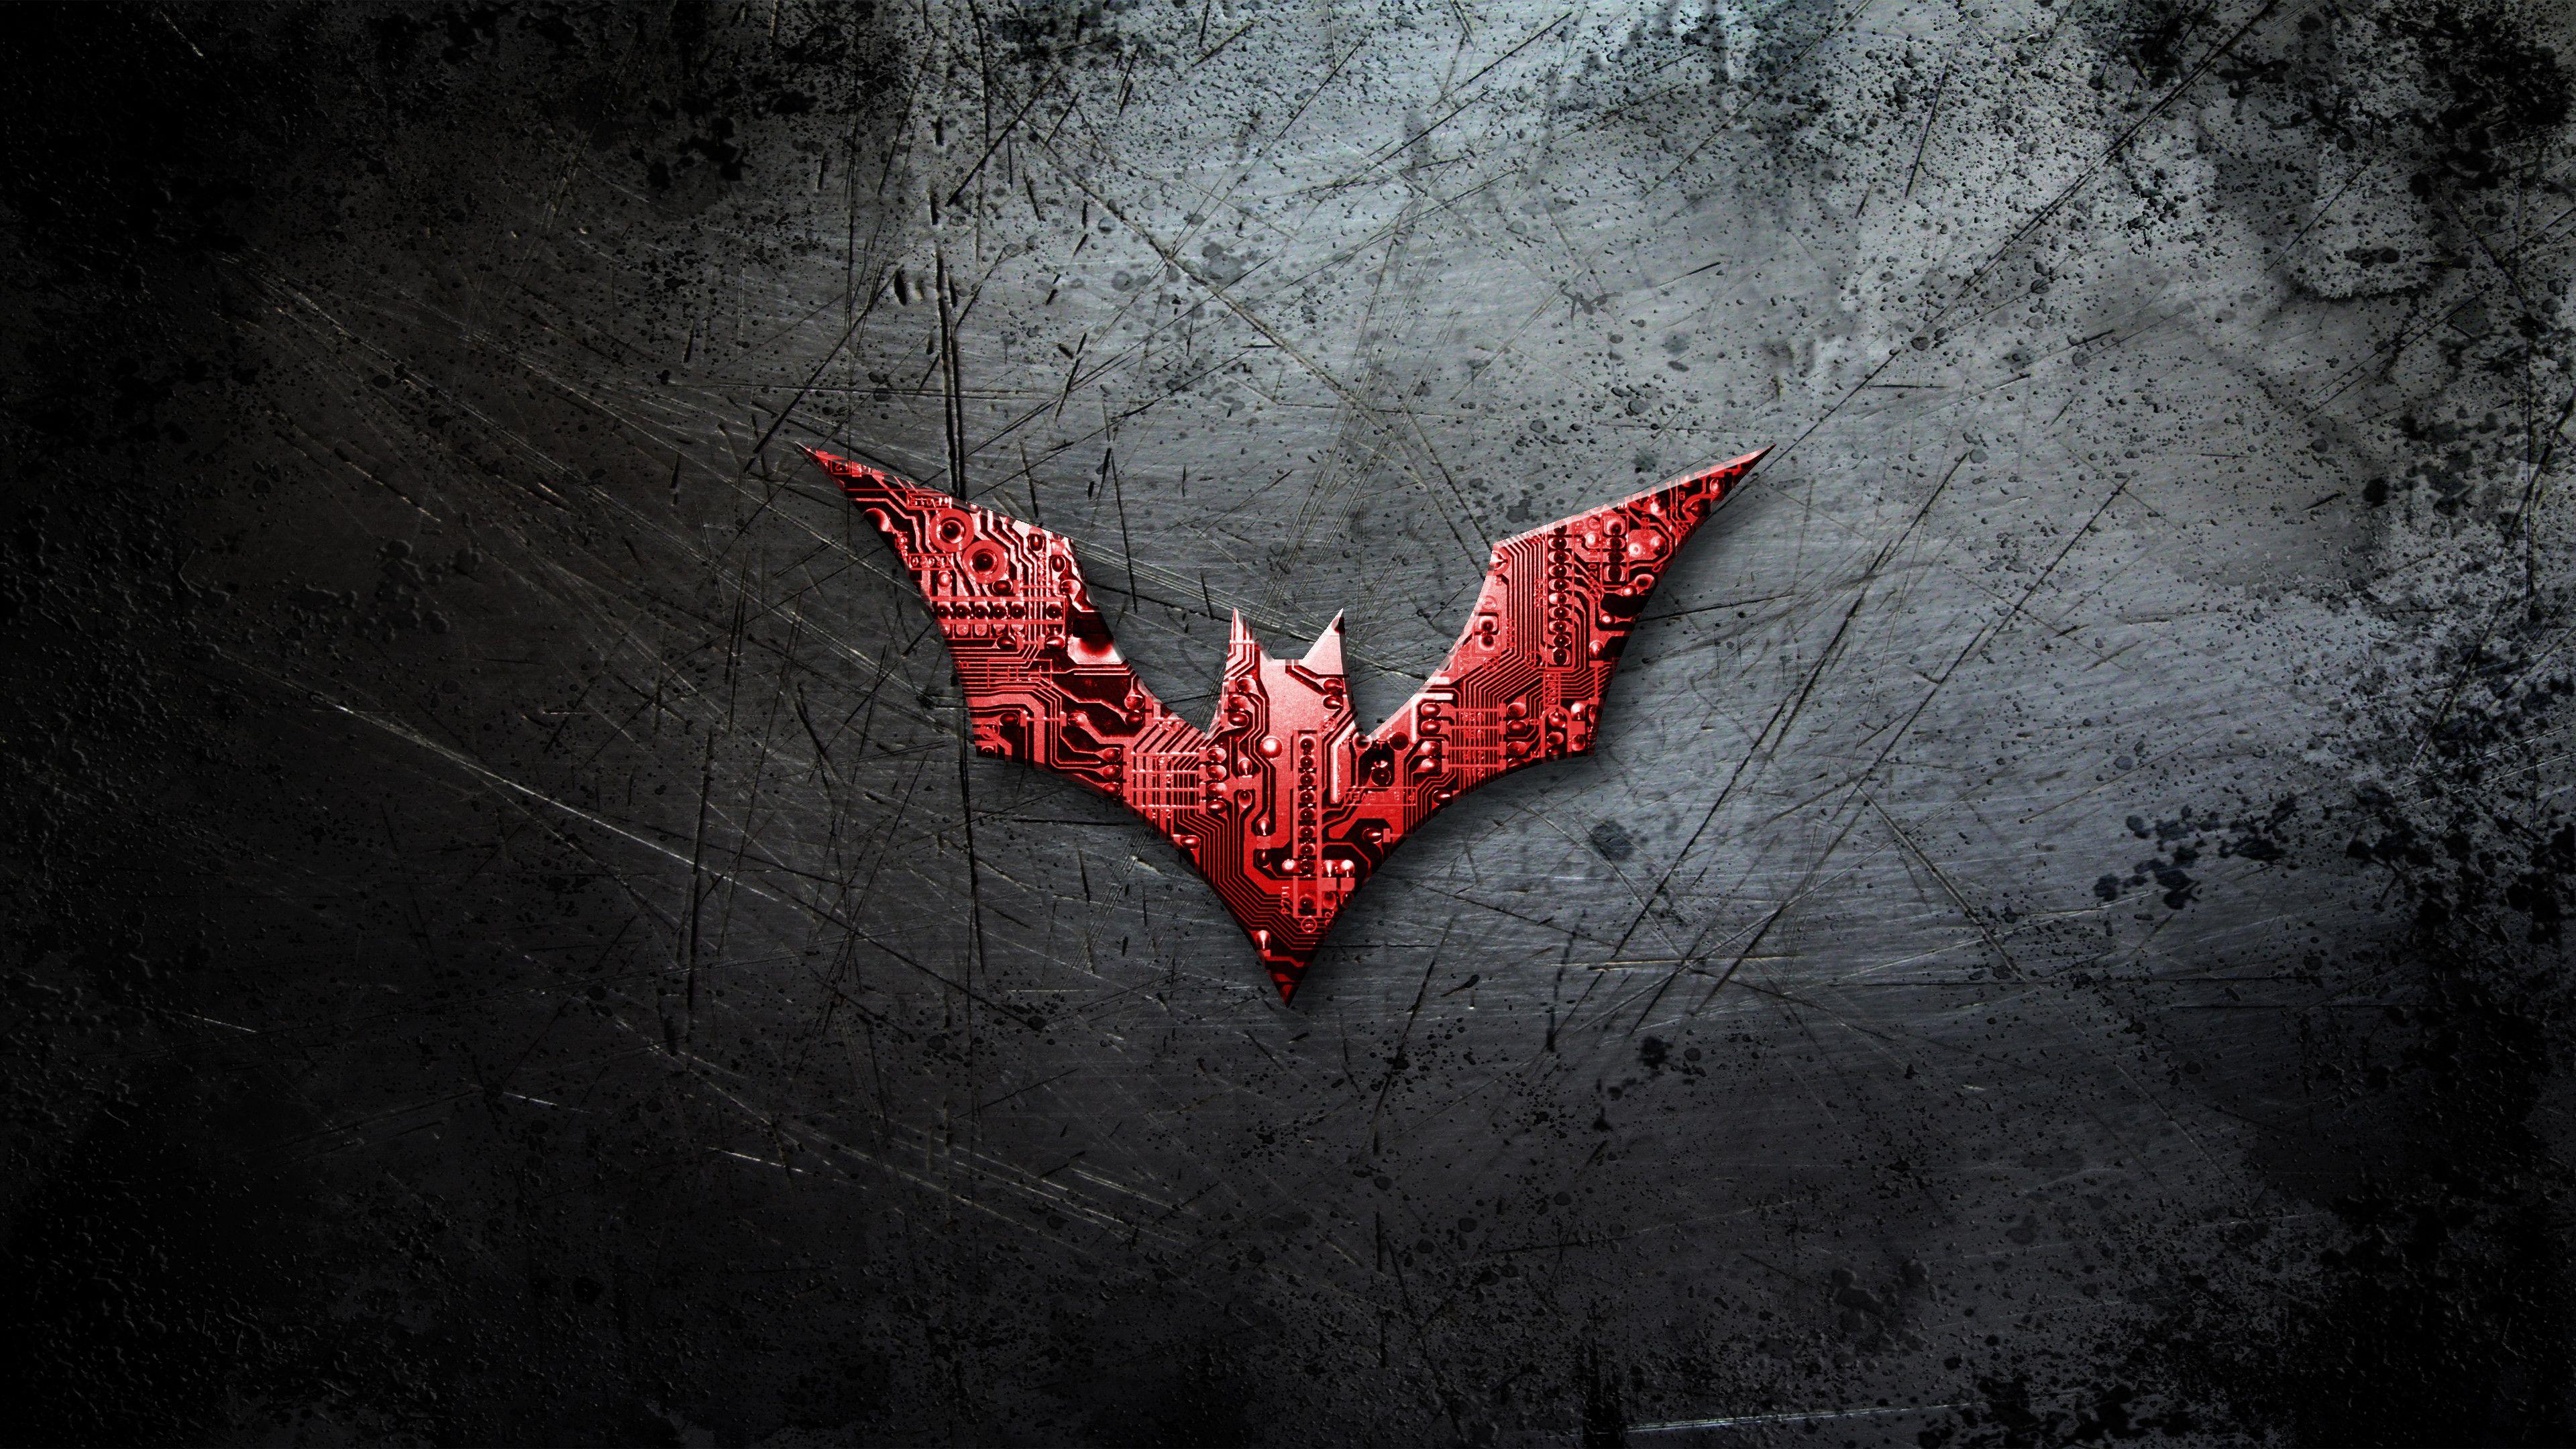 Batman Beyond Free Download Hd Wallpaper Background Fjq2a Oregonroom Com Batman Wallpaper Hd Batman Wallpaper Deadpool Logo Wallpaper